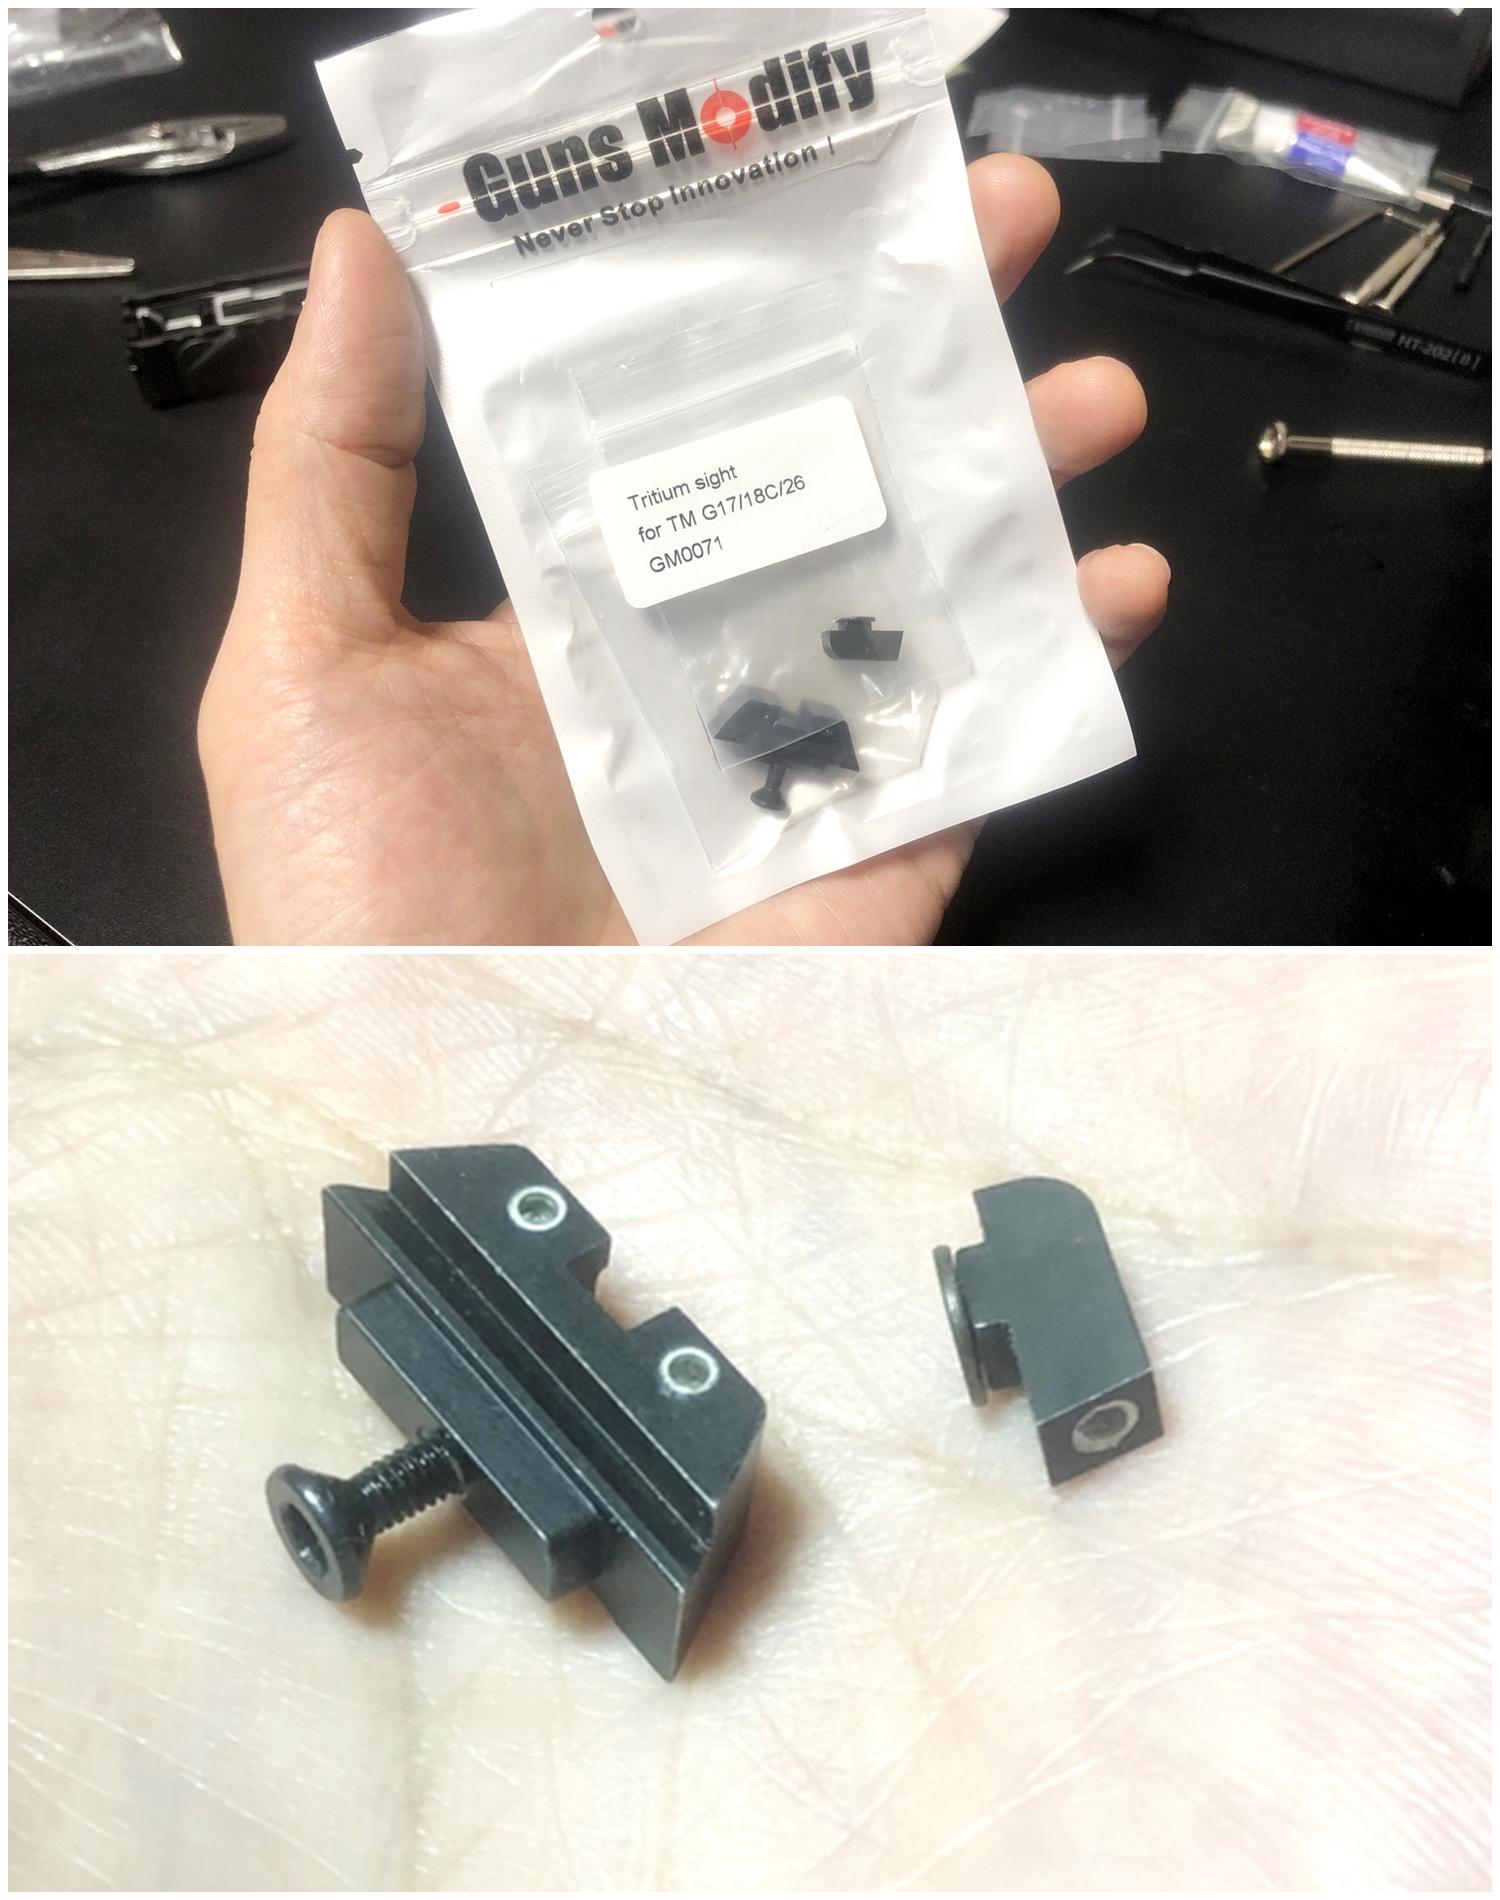 26【前半】 SAI GLOCK カスタムスライド G18C 組込完了!! やっと組み立てたぞ!! Guns Modify Salient Arms GM0251 スライドパーツ 購入 組込 分解 取付 カスタム レビュー!!